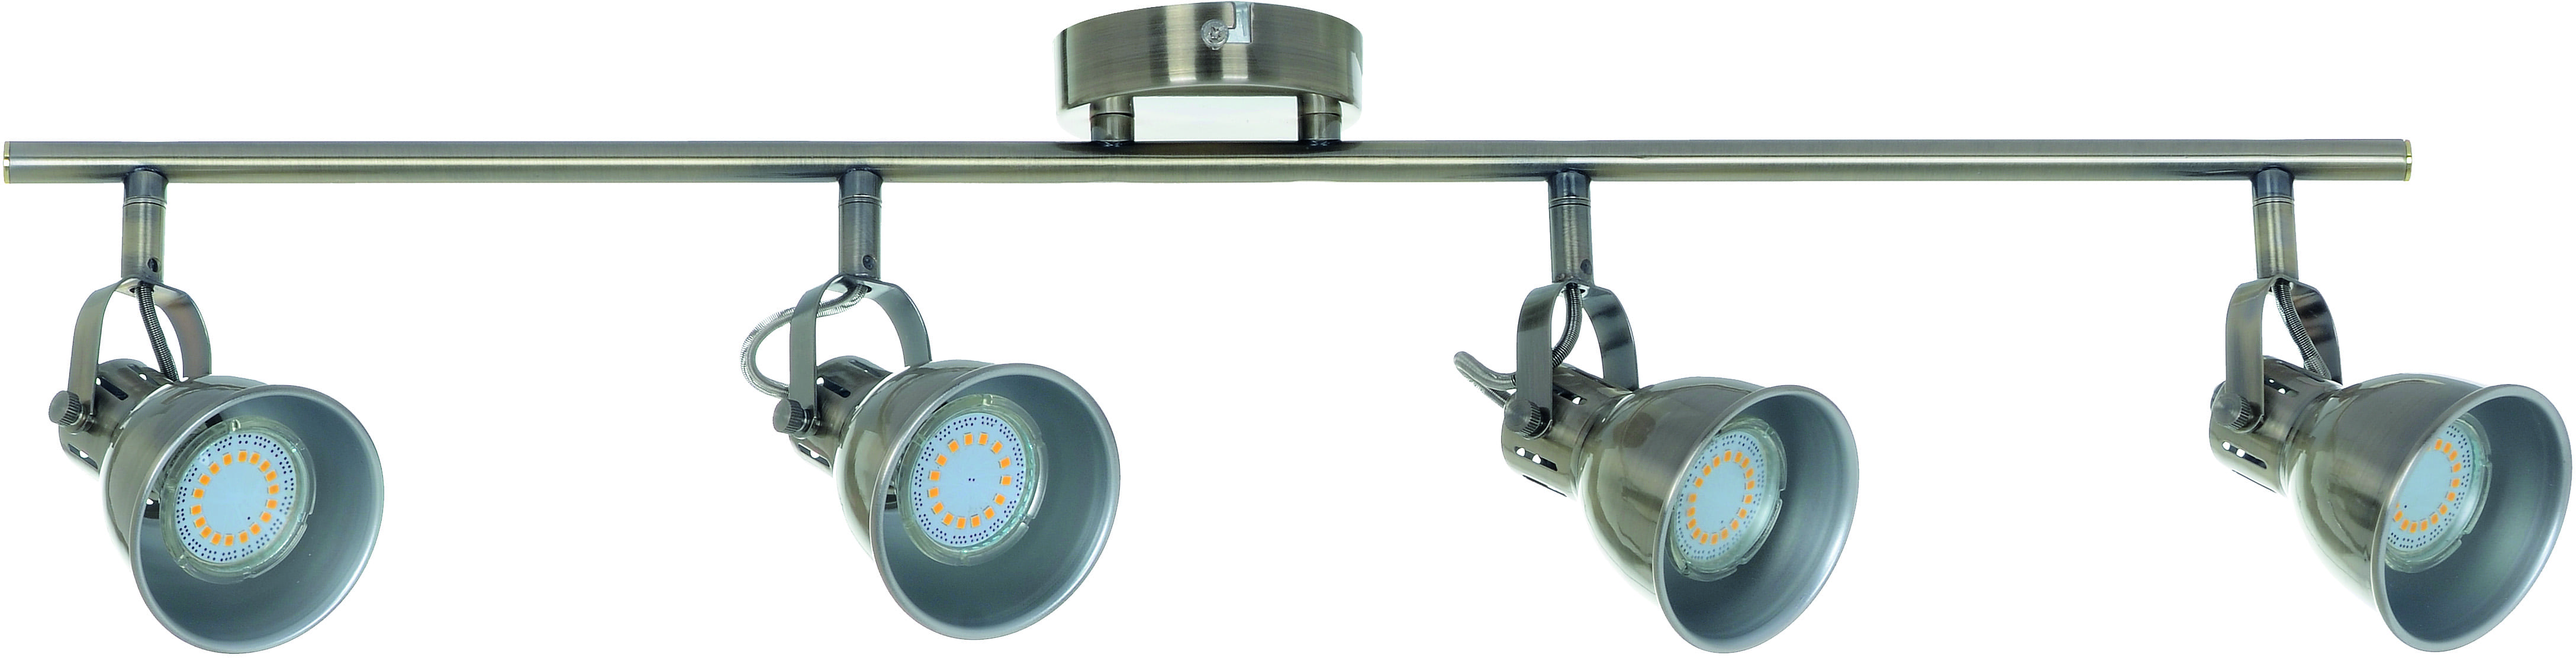 Quadruple Spotlights - Strip spot Pax Patina GU10 LED 4,5 W